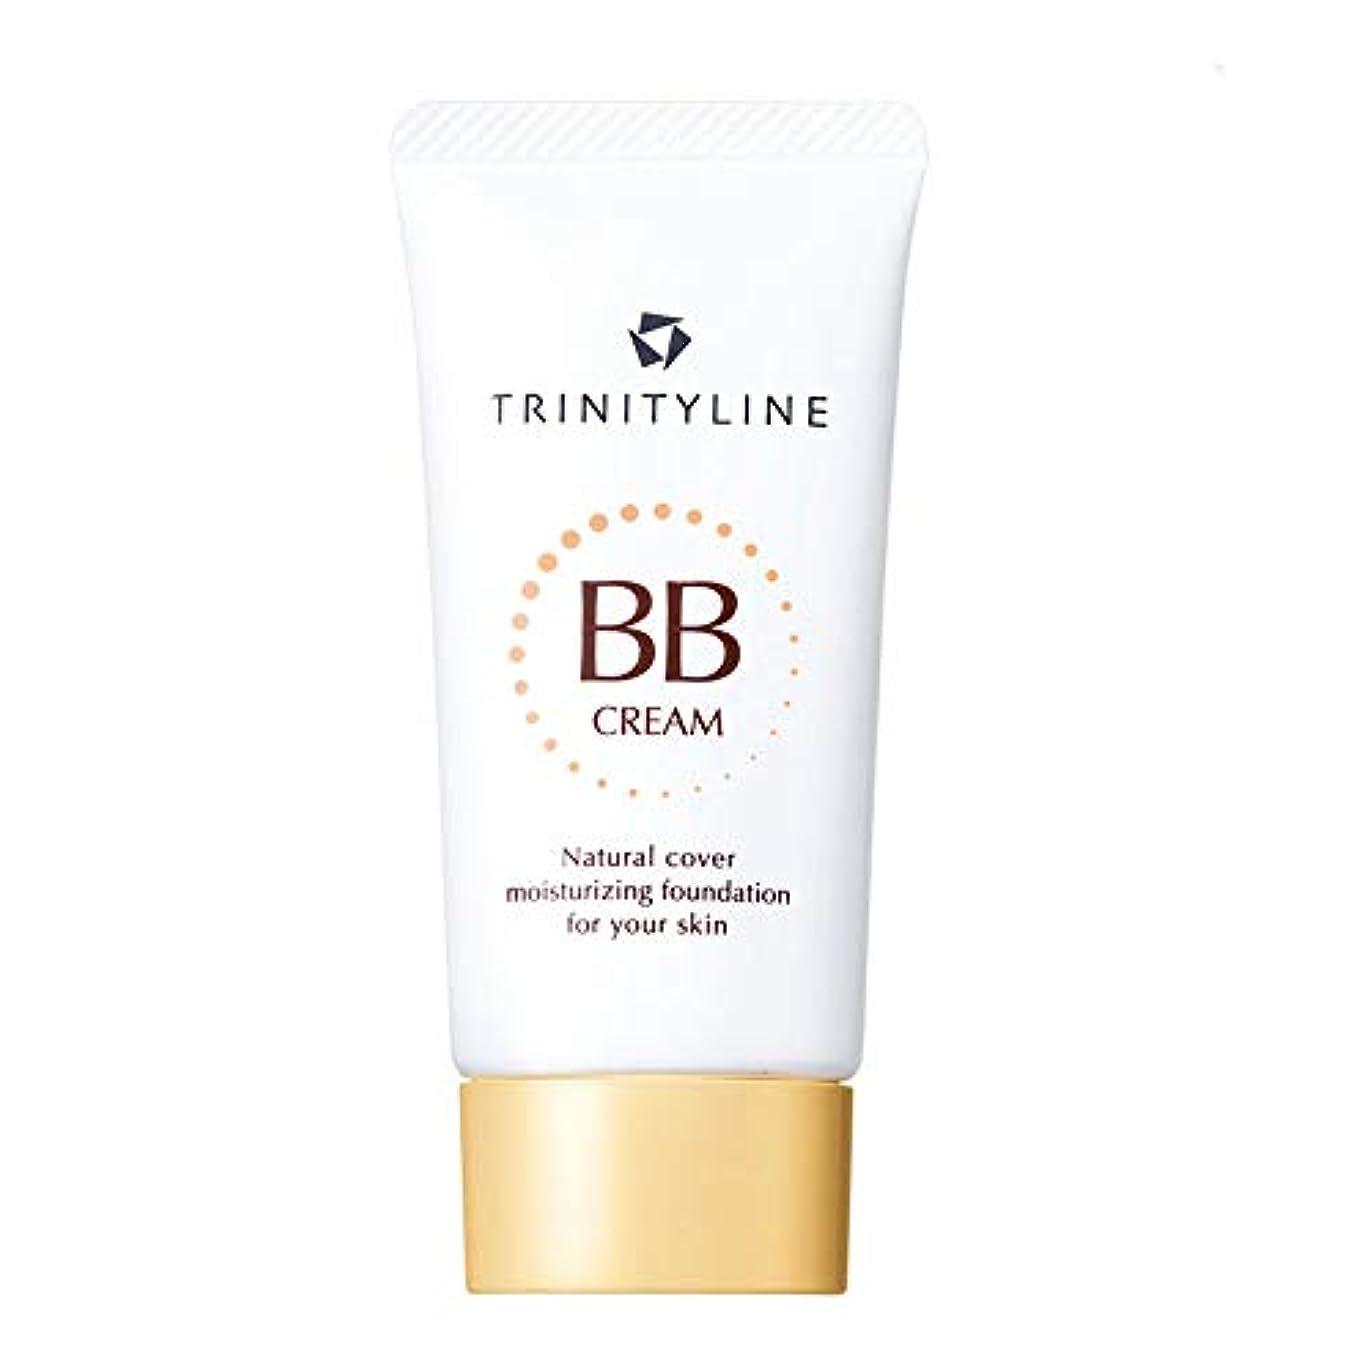 入場料ユニークな消毒剤トリニティーライン(TRINITYLINE) トリニティーライン BBクリーム (ツヤ肌に仕上げるスキンケアBBクリーム) 30g